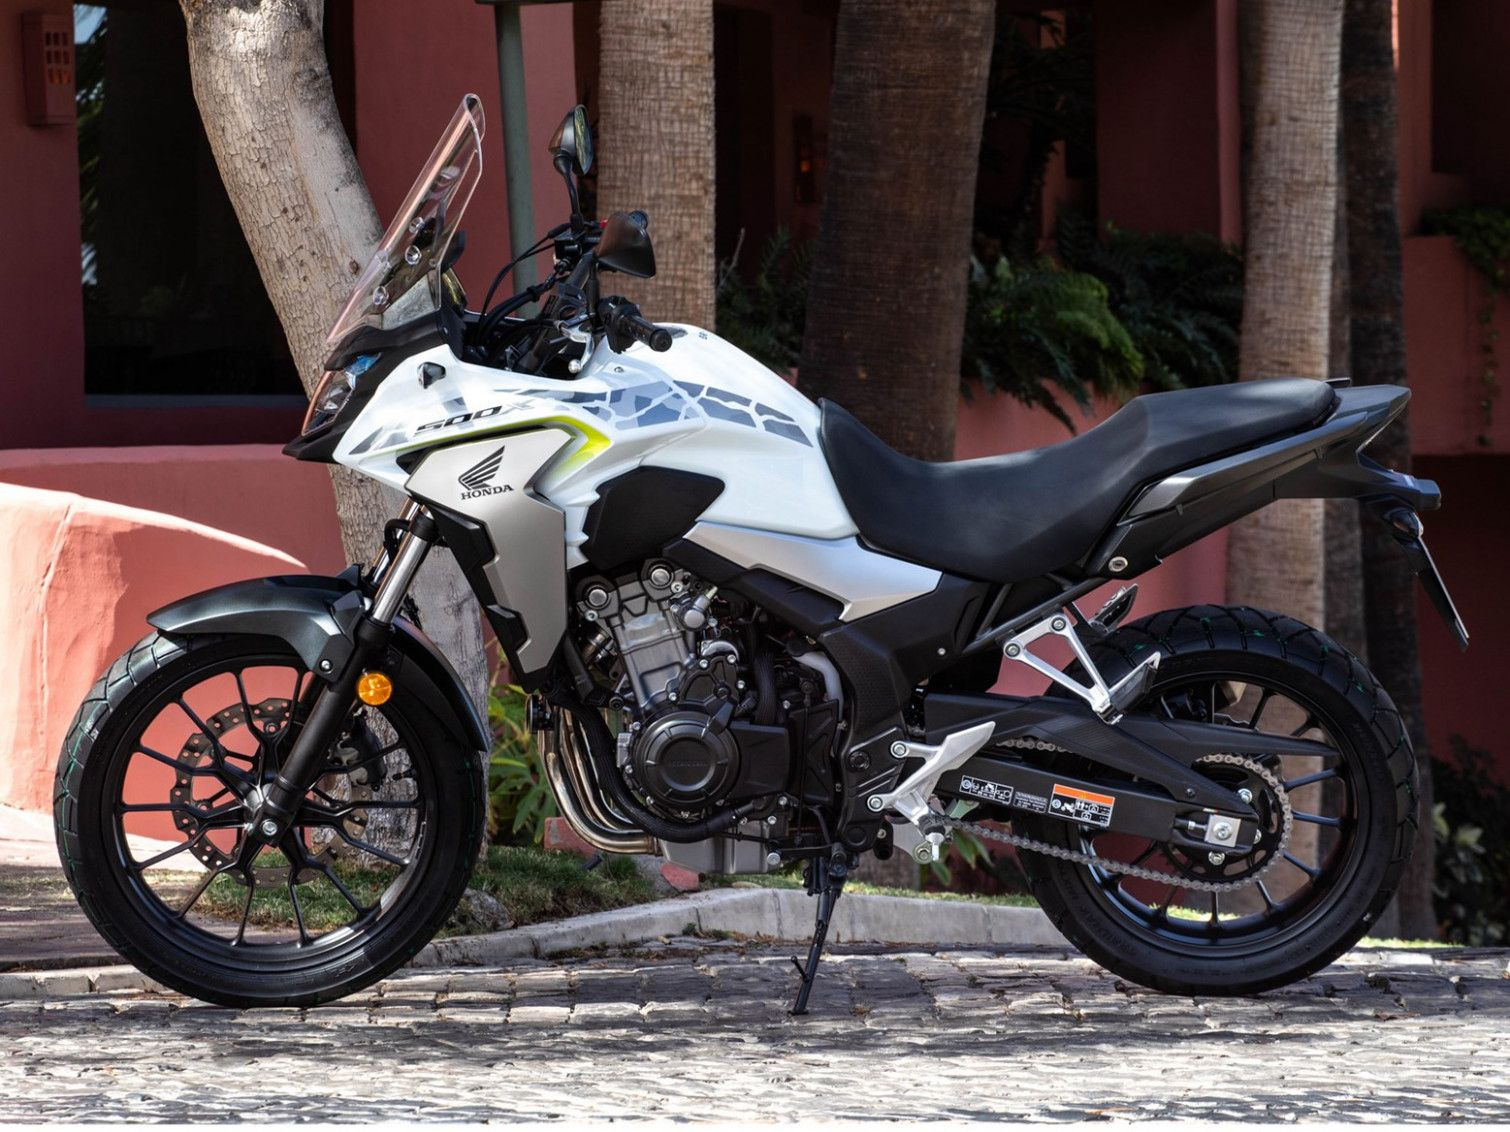 2020 Honda Cb500x Specs And Review Motocicletas Motos Autos